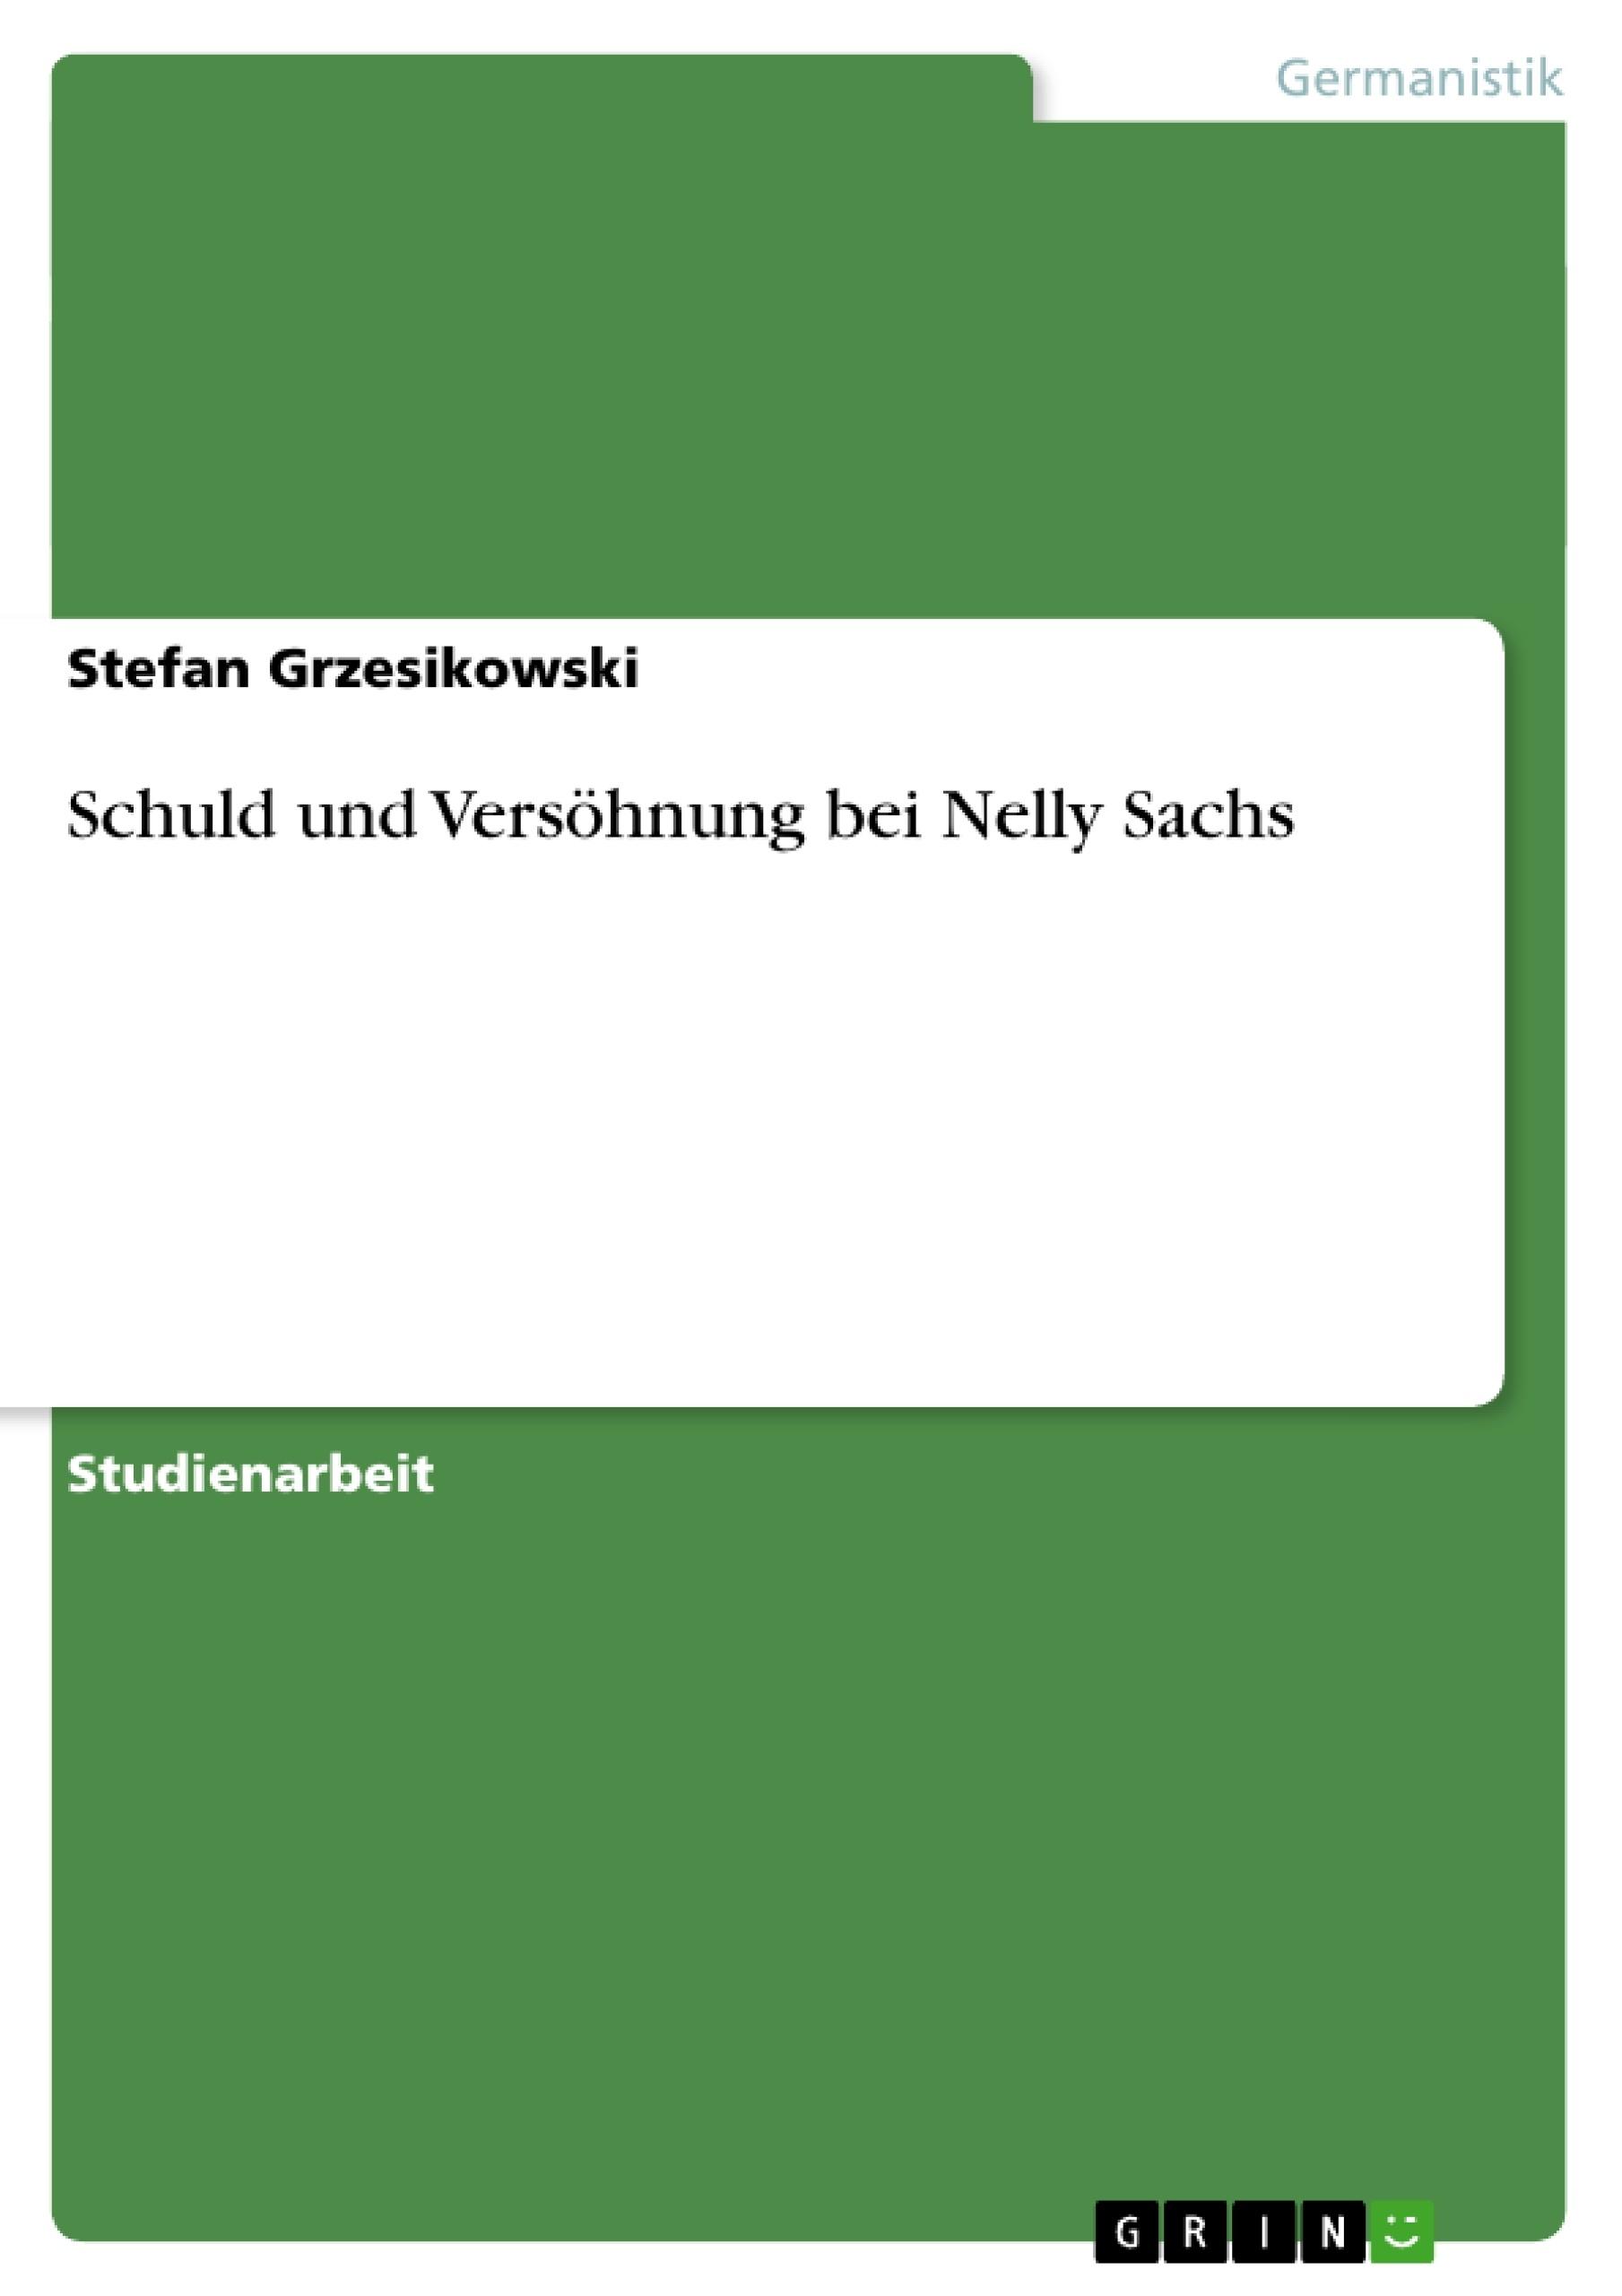 Titel: Schuld und Versöhnung bei Nelly Sachs